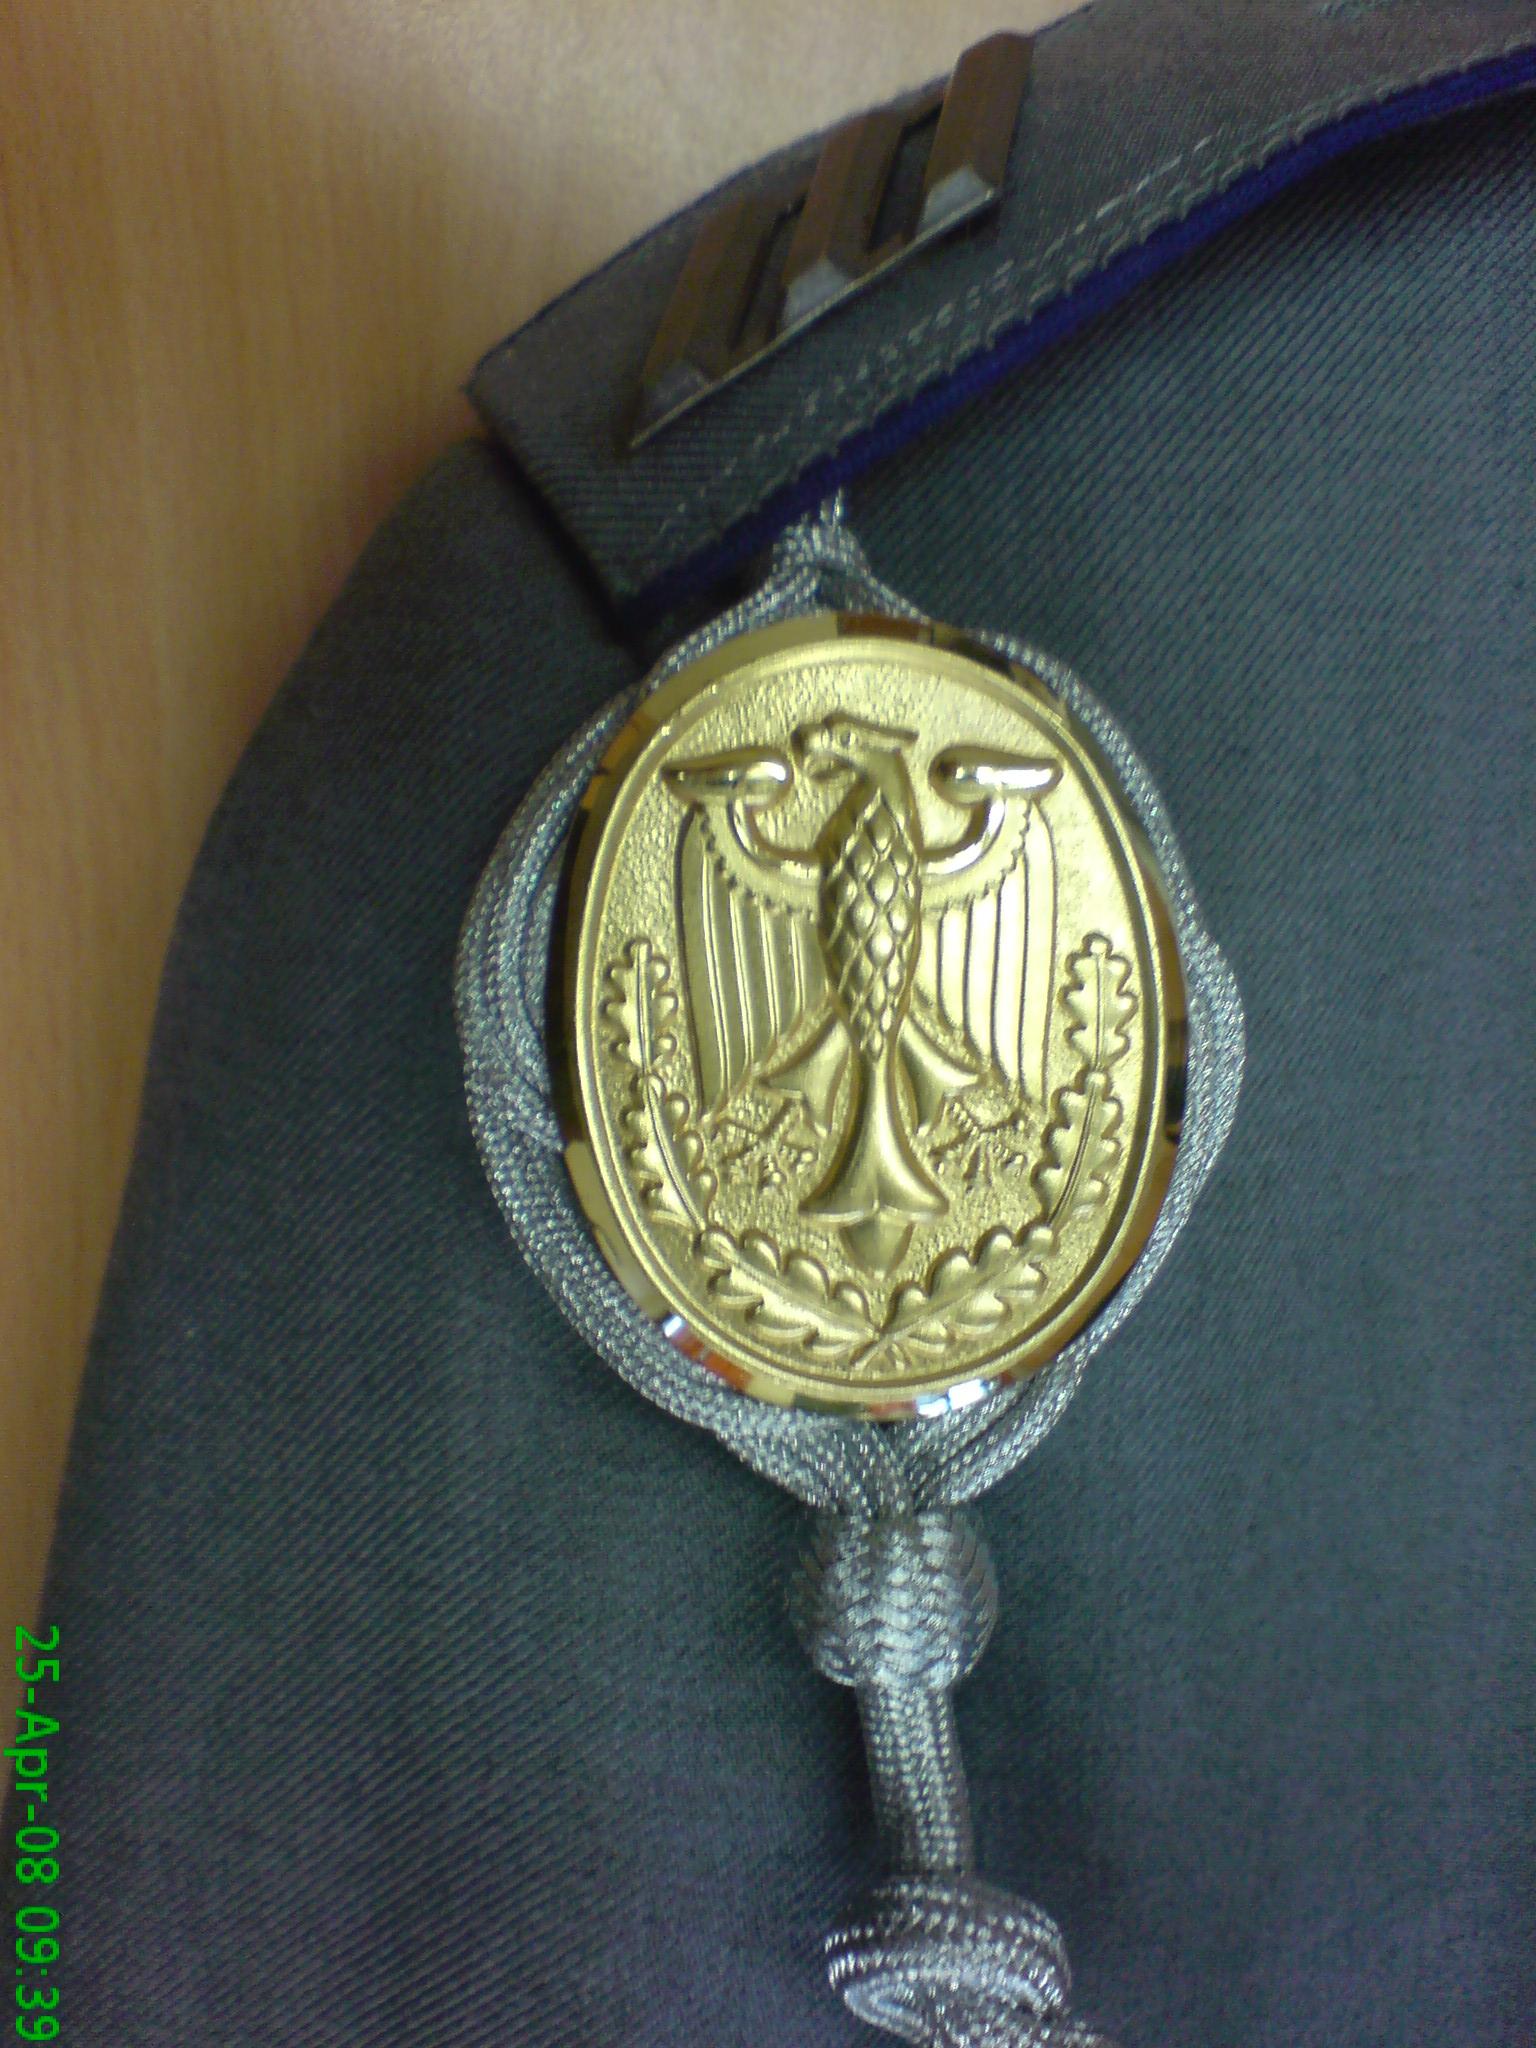 German Silver Marksman Schutzenschnur